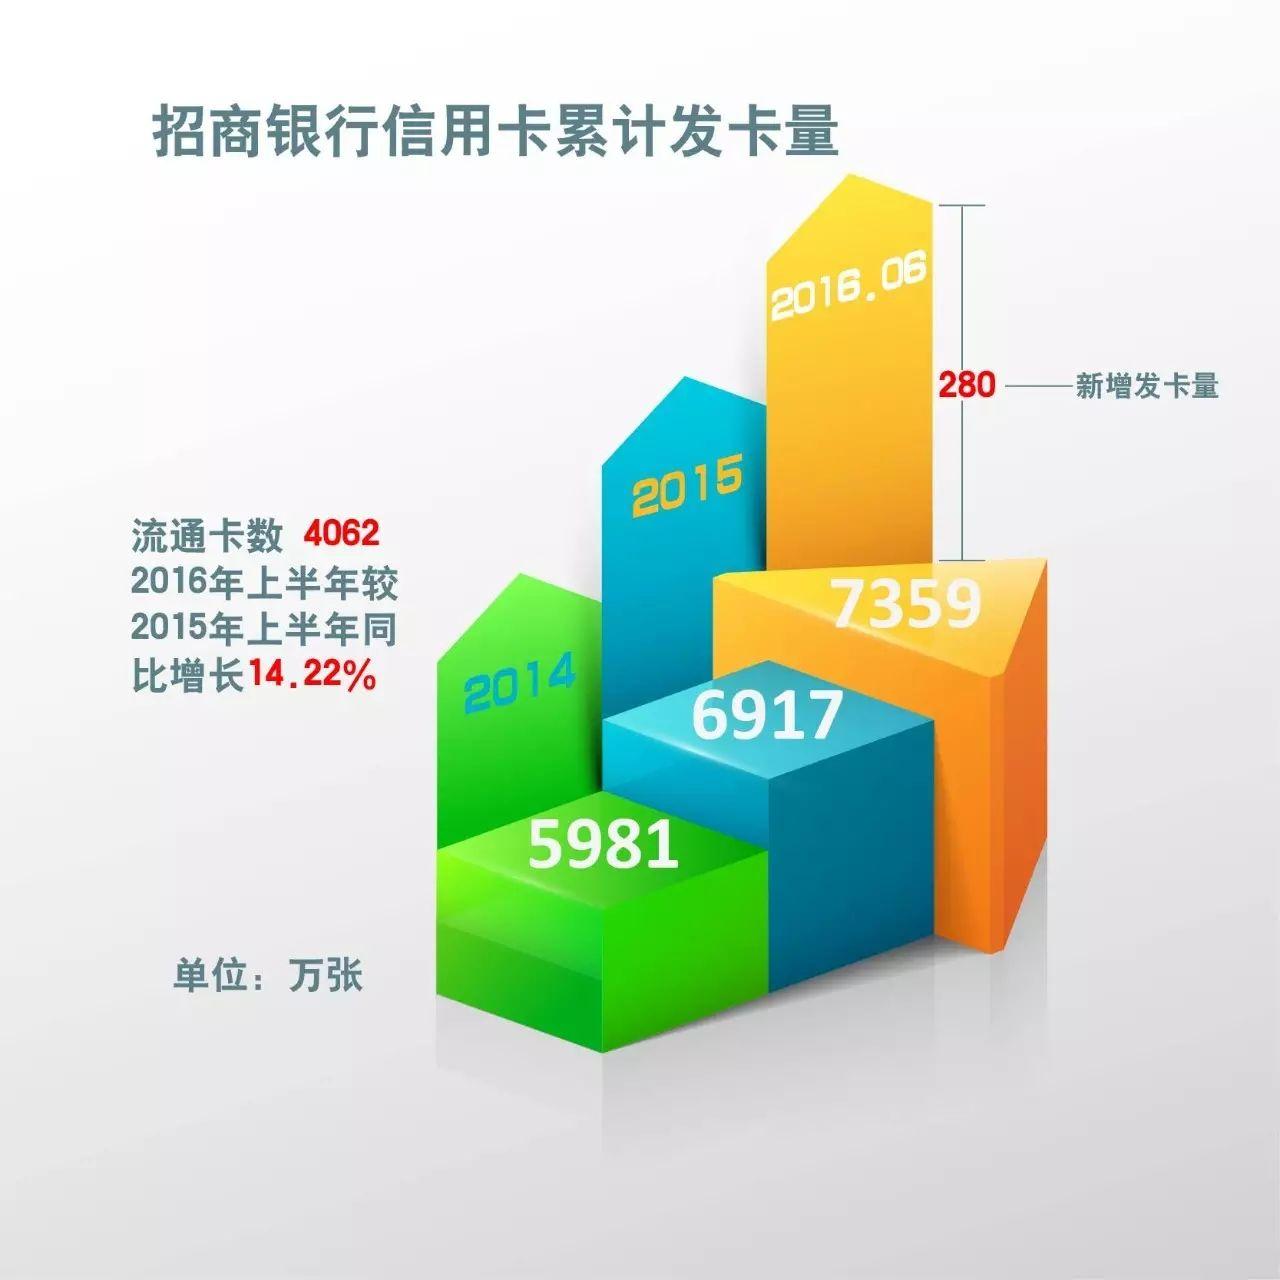 招商银行信用卡图片_中信银行信用卡图片_招商银行信用卡收入